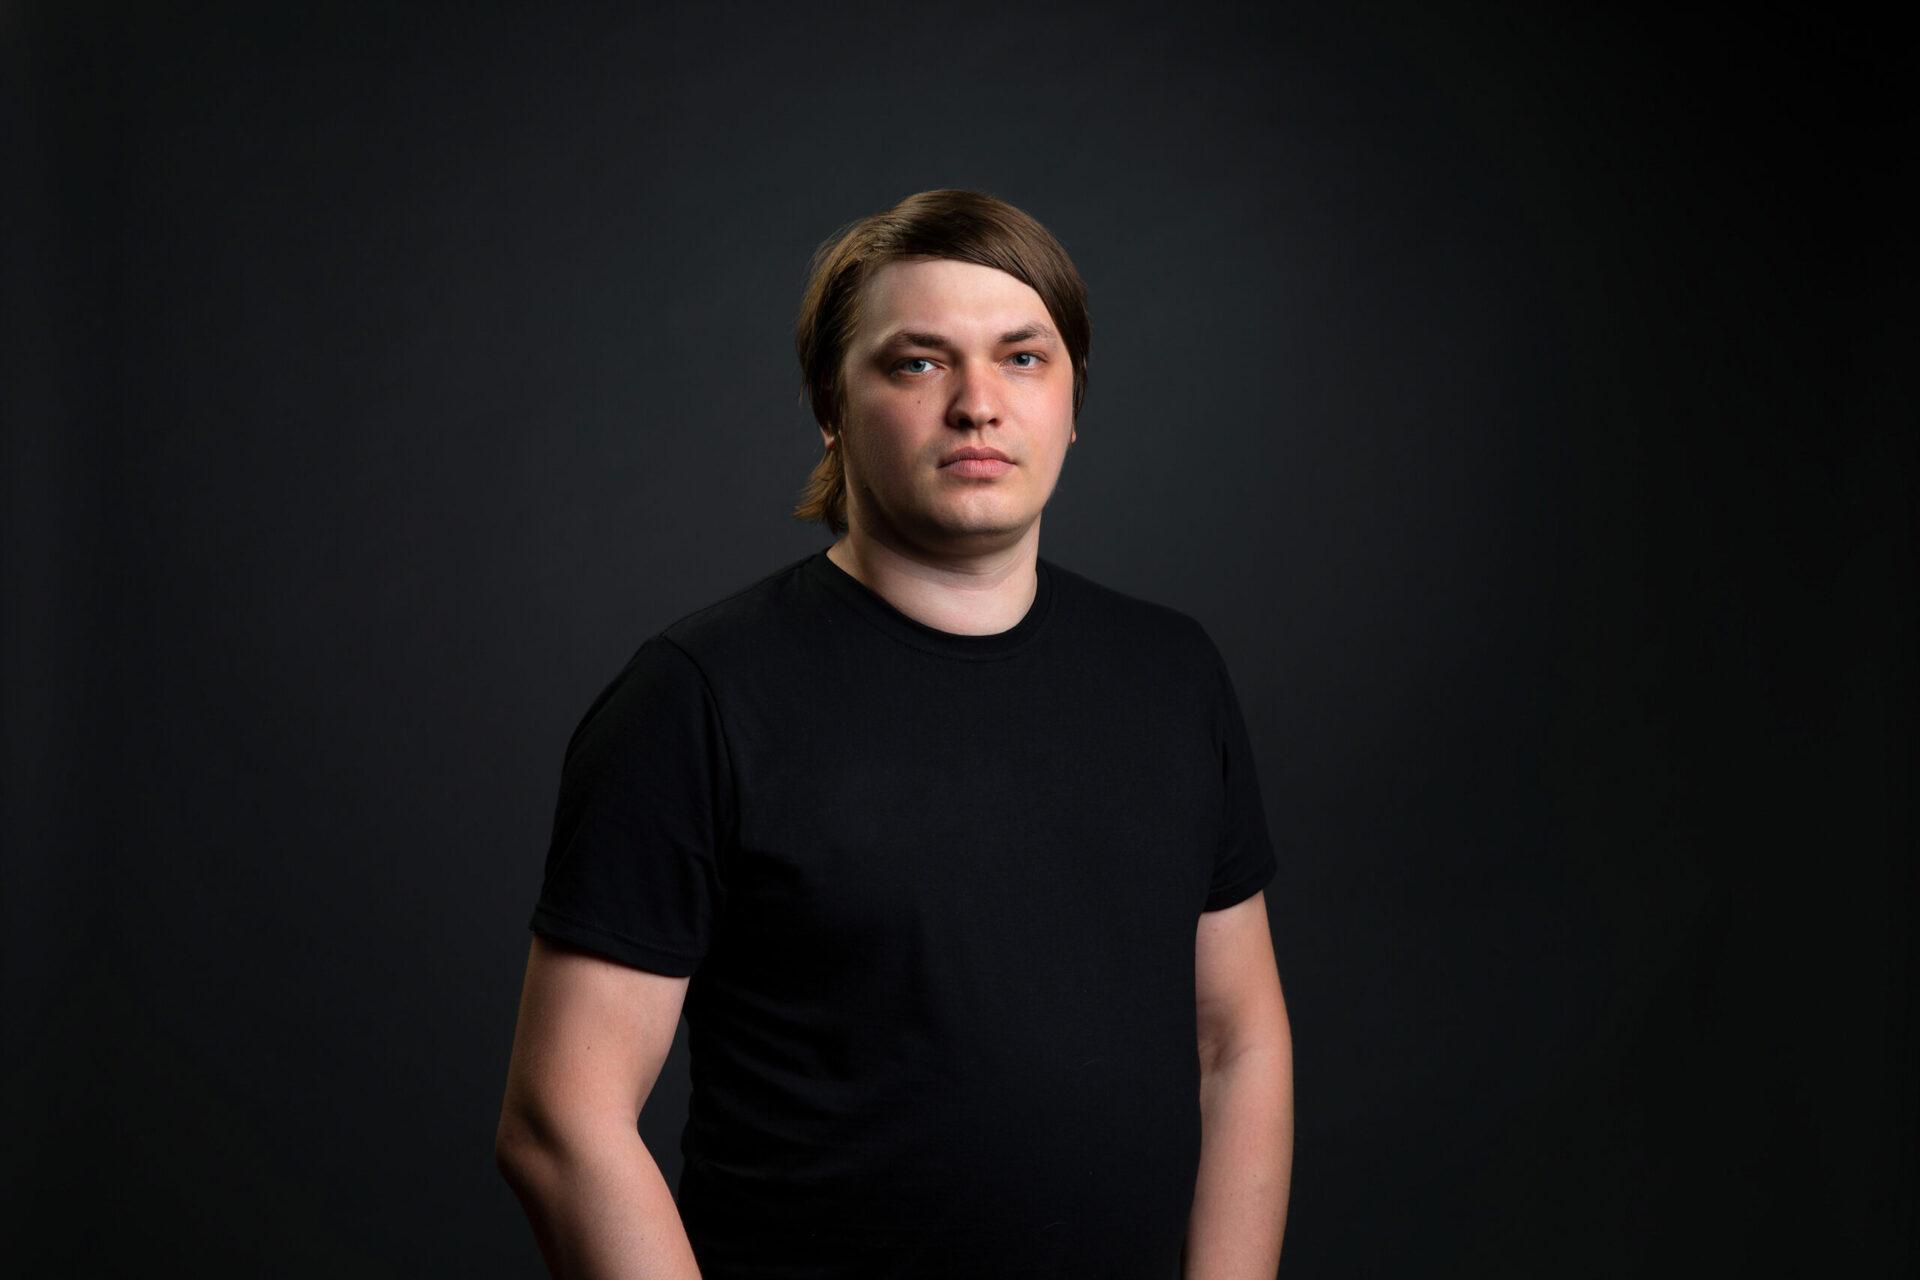 Александр Кожевников, StreamStack - защищенный видеохостинг и разработка сайтов для онлайн-школ, конференций и курсов